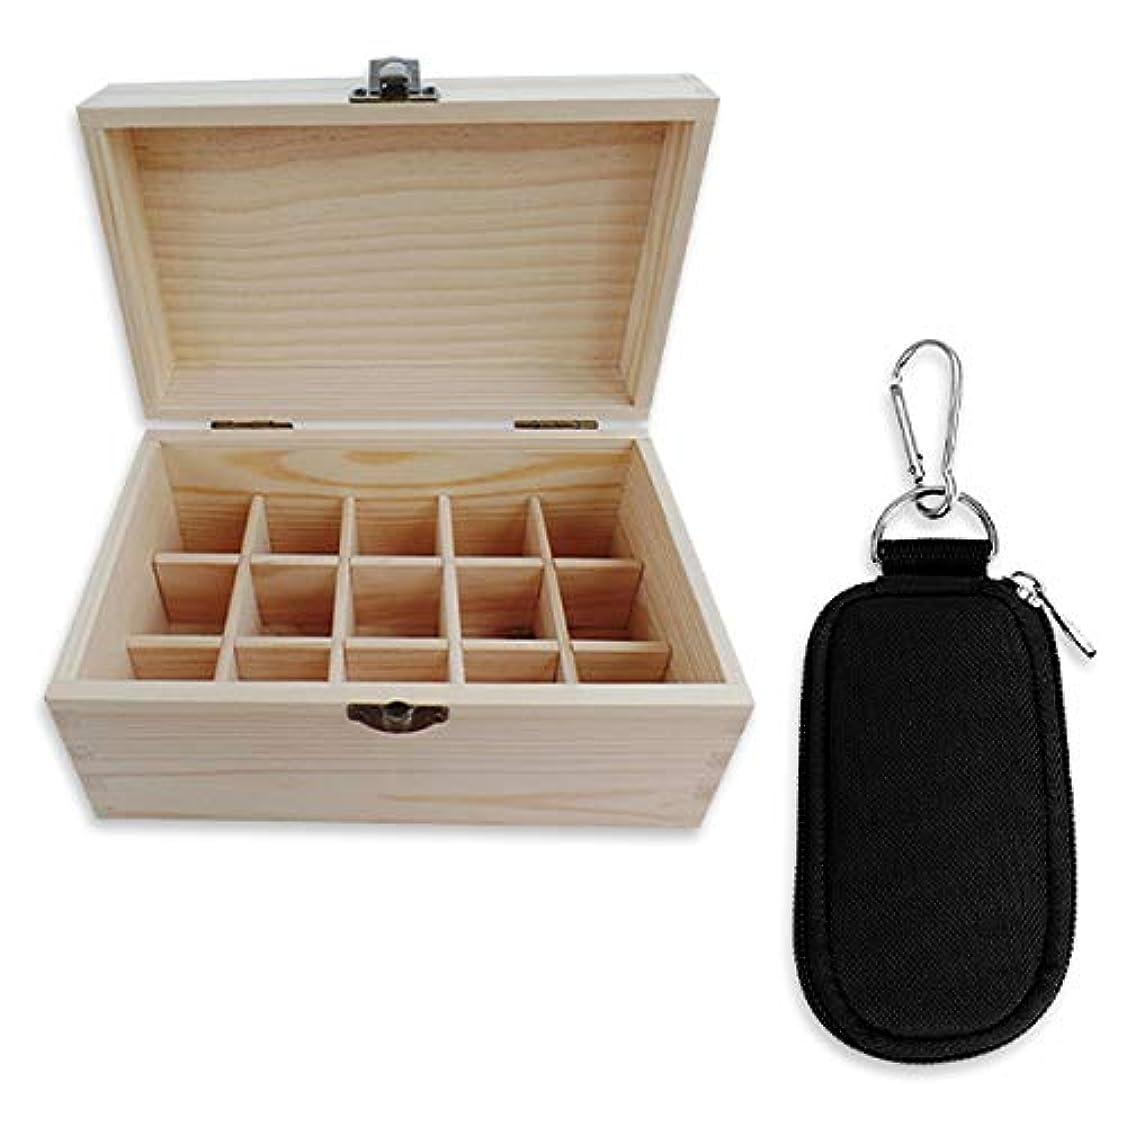 すべてコットンただやるHAMILO エッセンシャルオイル収納ボックス 木製ケース オイル収納ボックス 遮光瓶用ポーチ付 (2点セット)